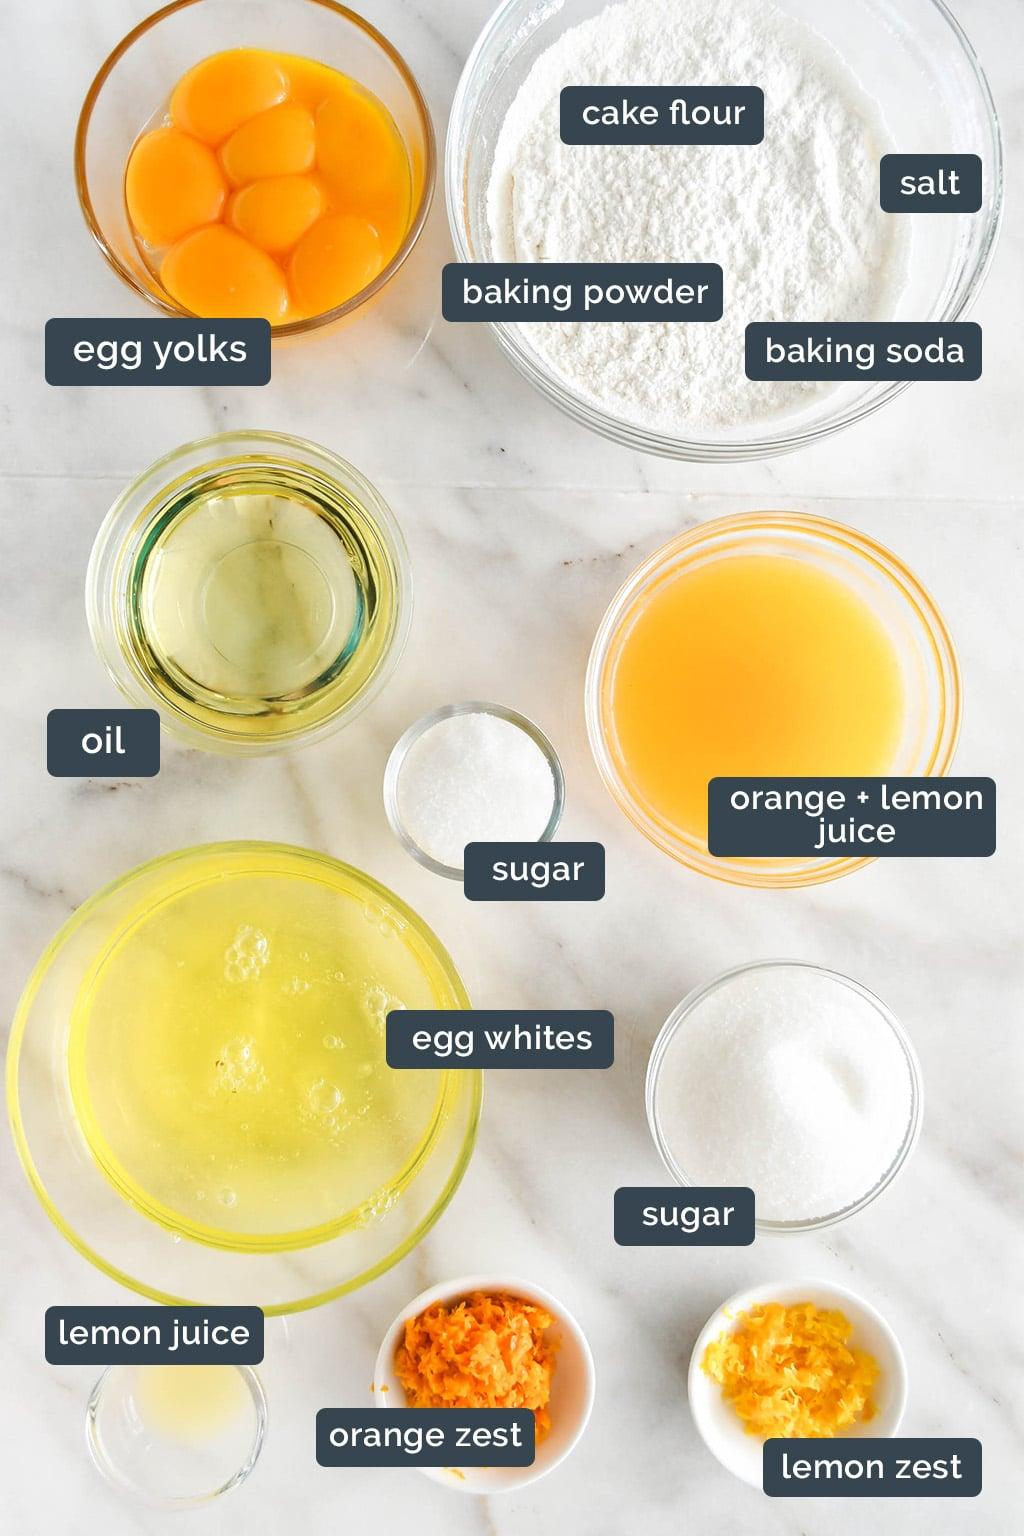 Orange chiffon cake ingredients